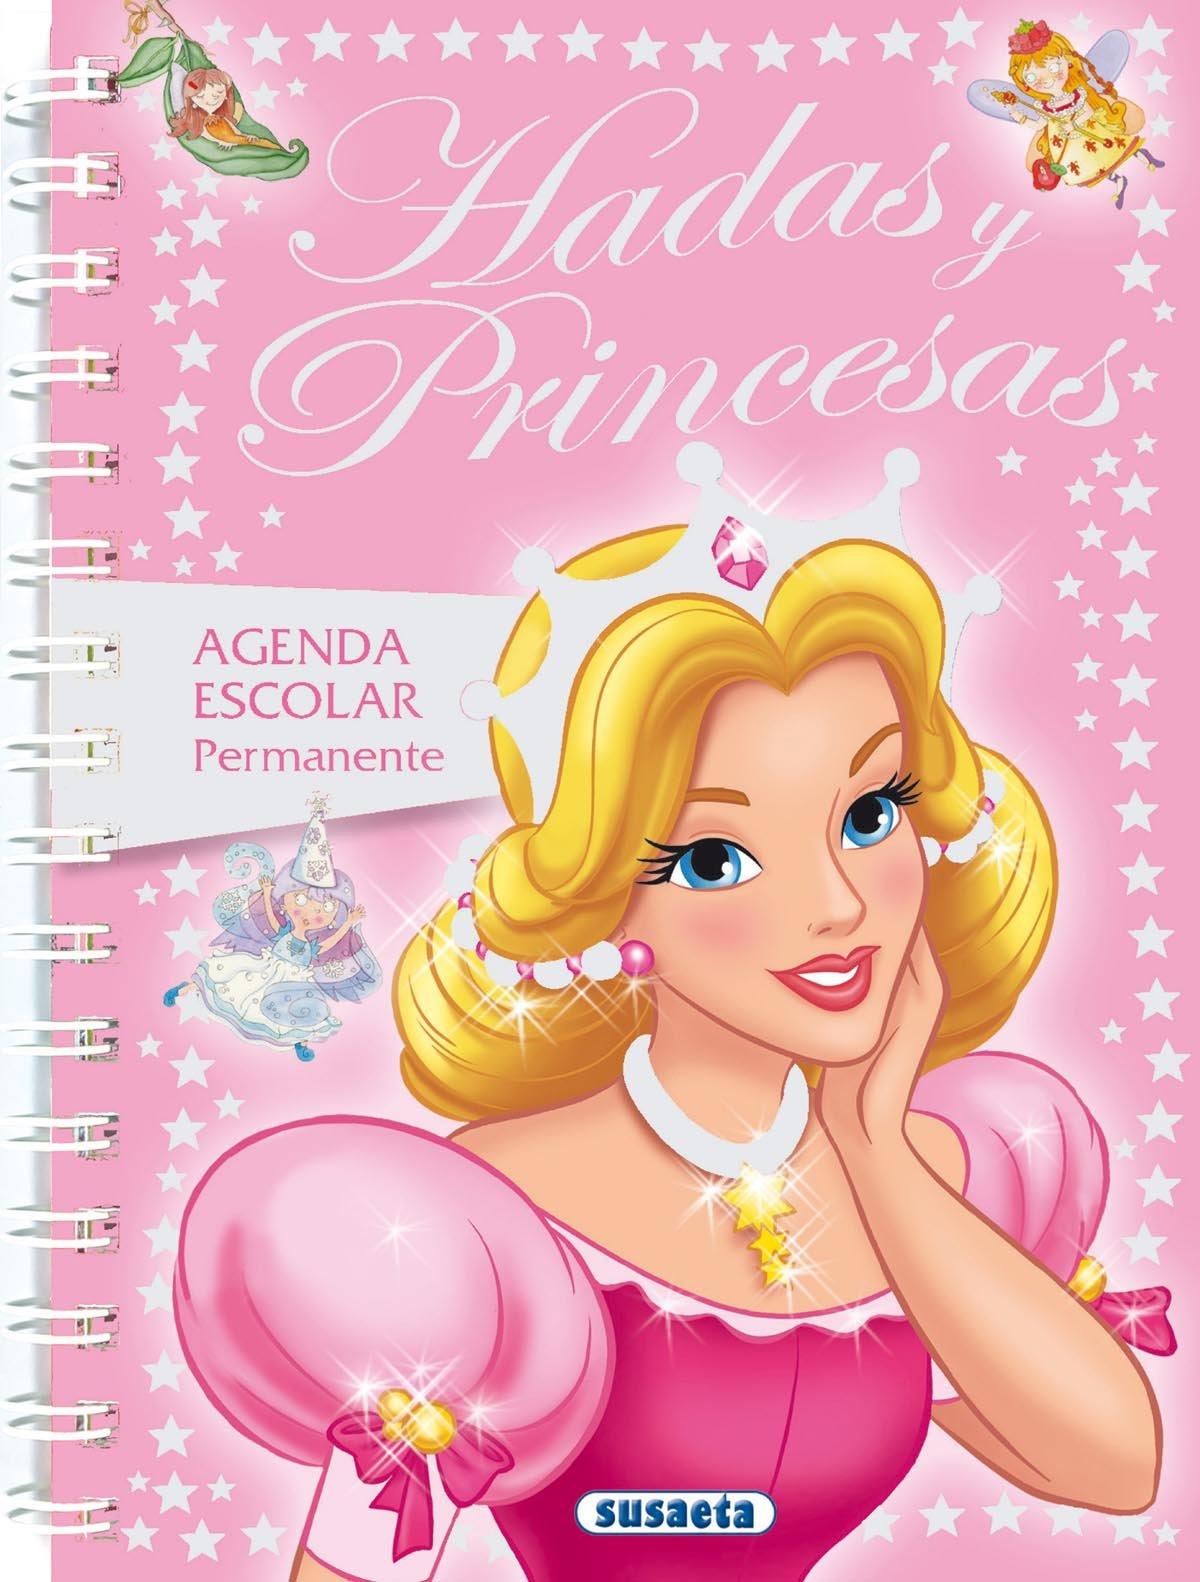 Hadas y princesas (Agenda Escolar Permanente) (Spanish ...